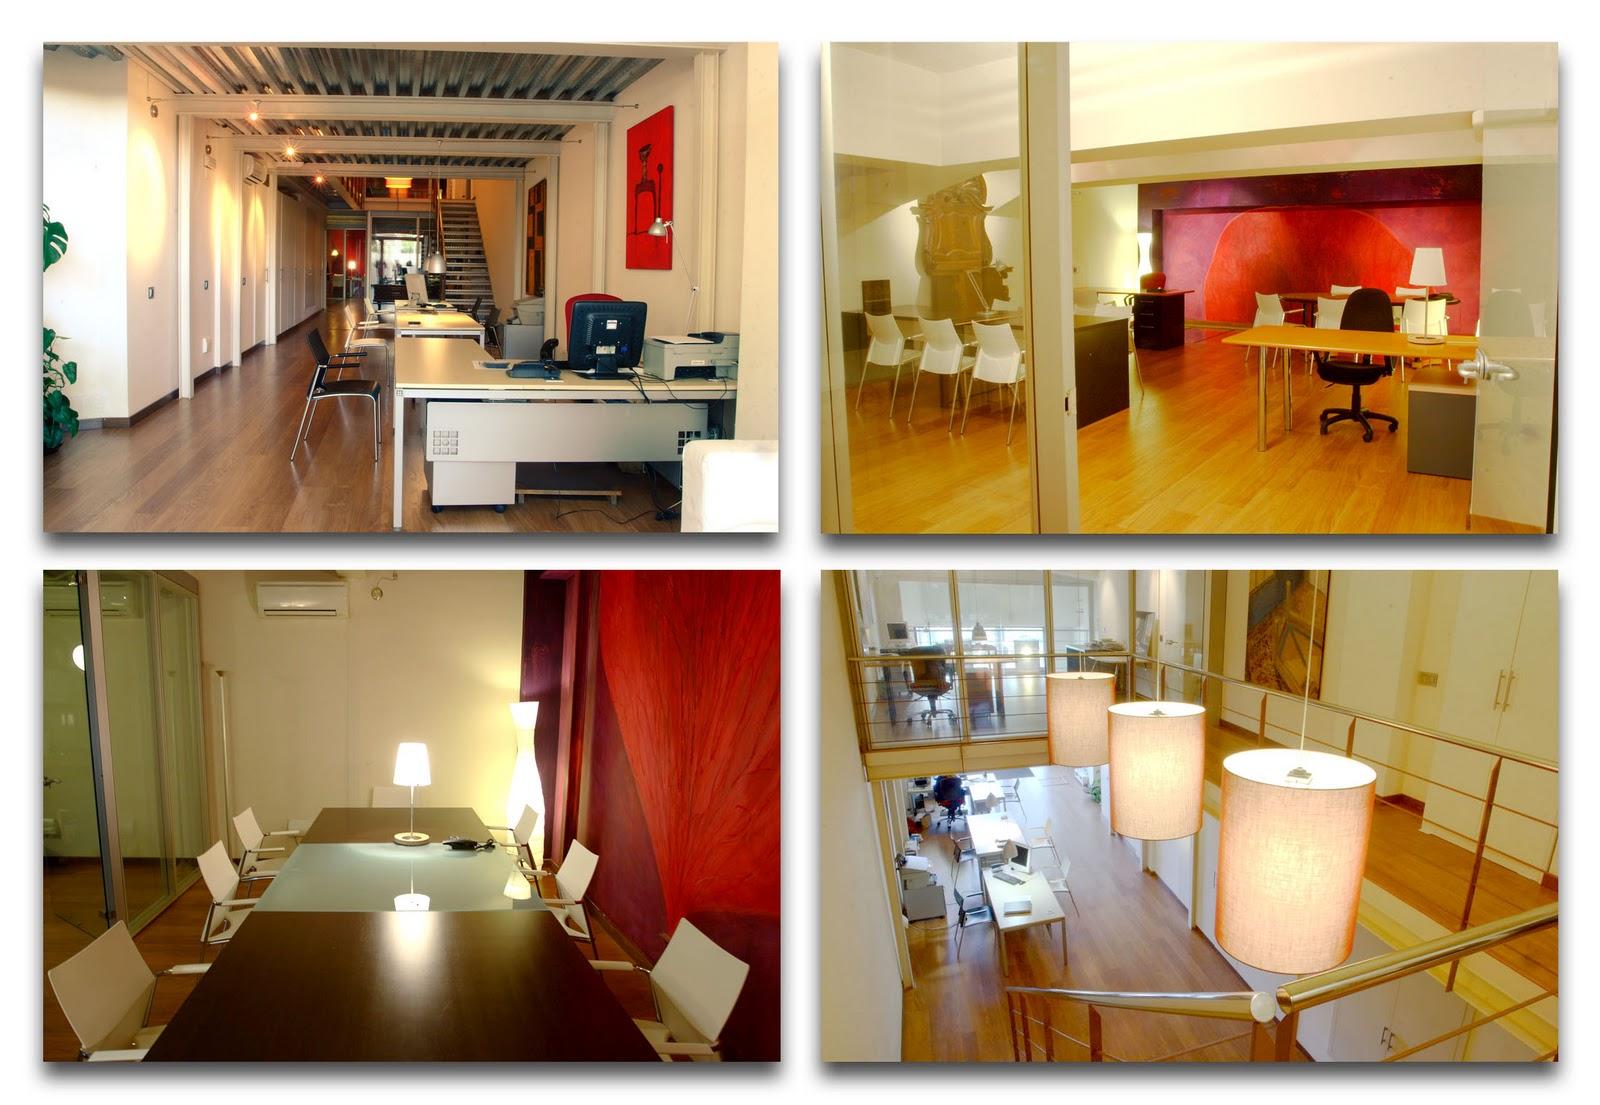 Espacios y oficinas de producci n en barcelona for Oficinas de trabajo temporal en barcelona